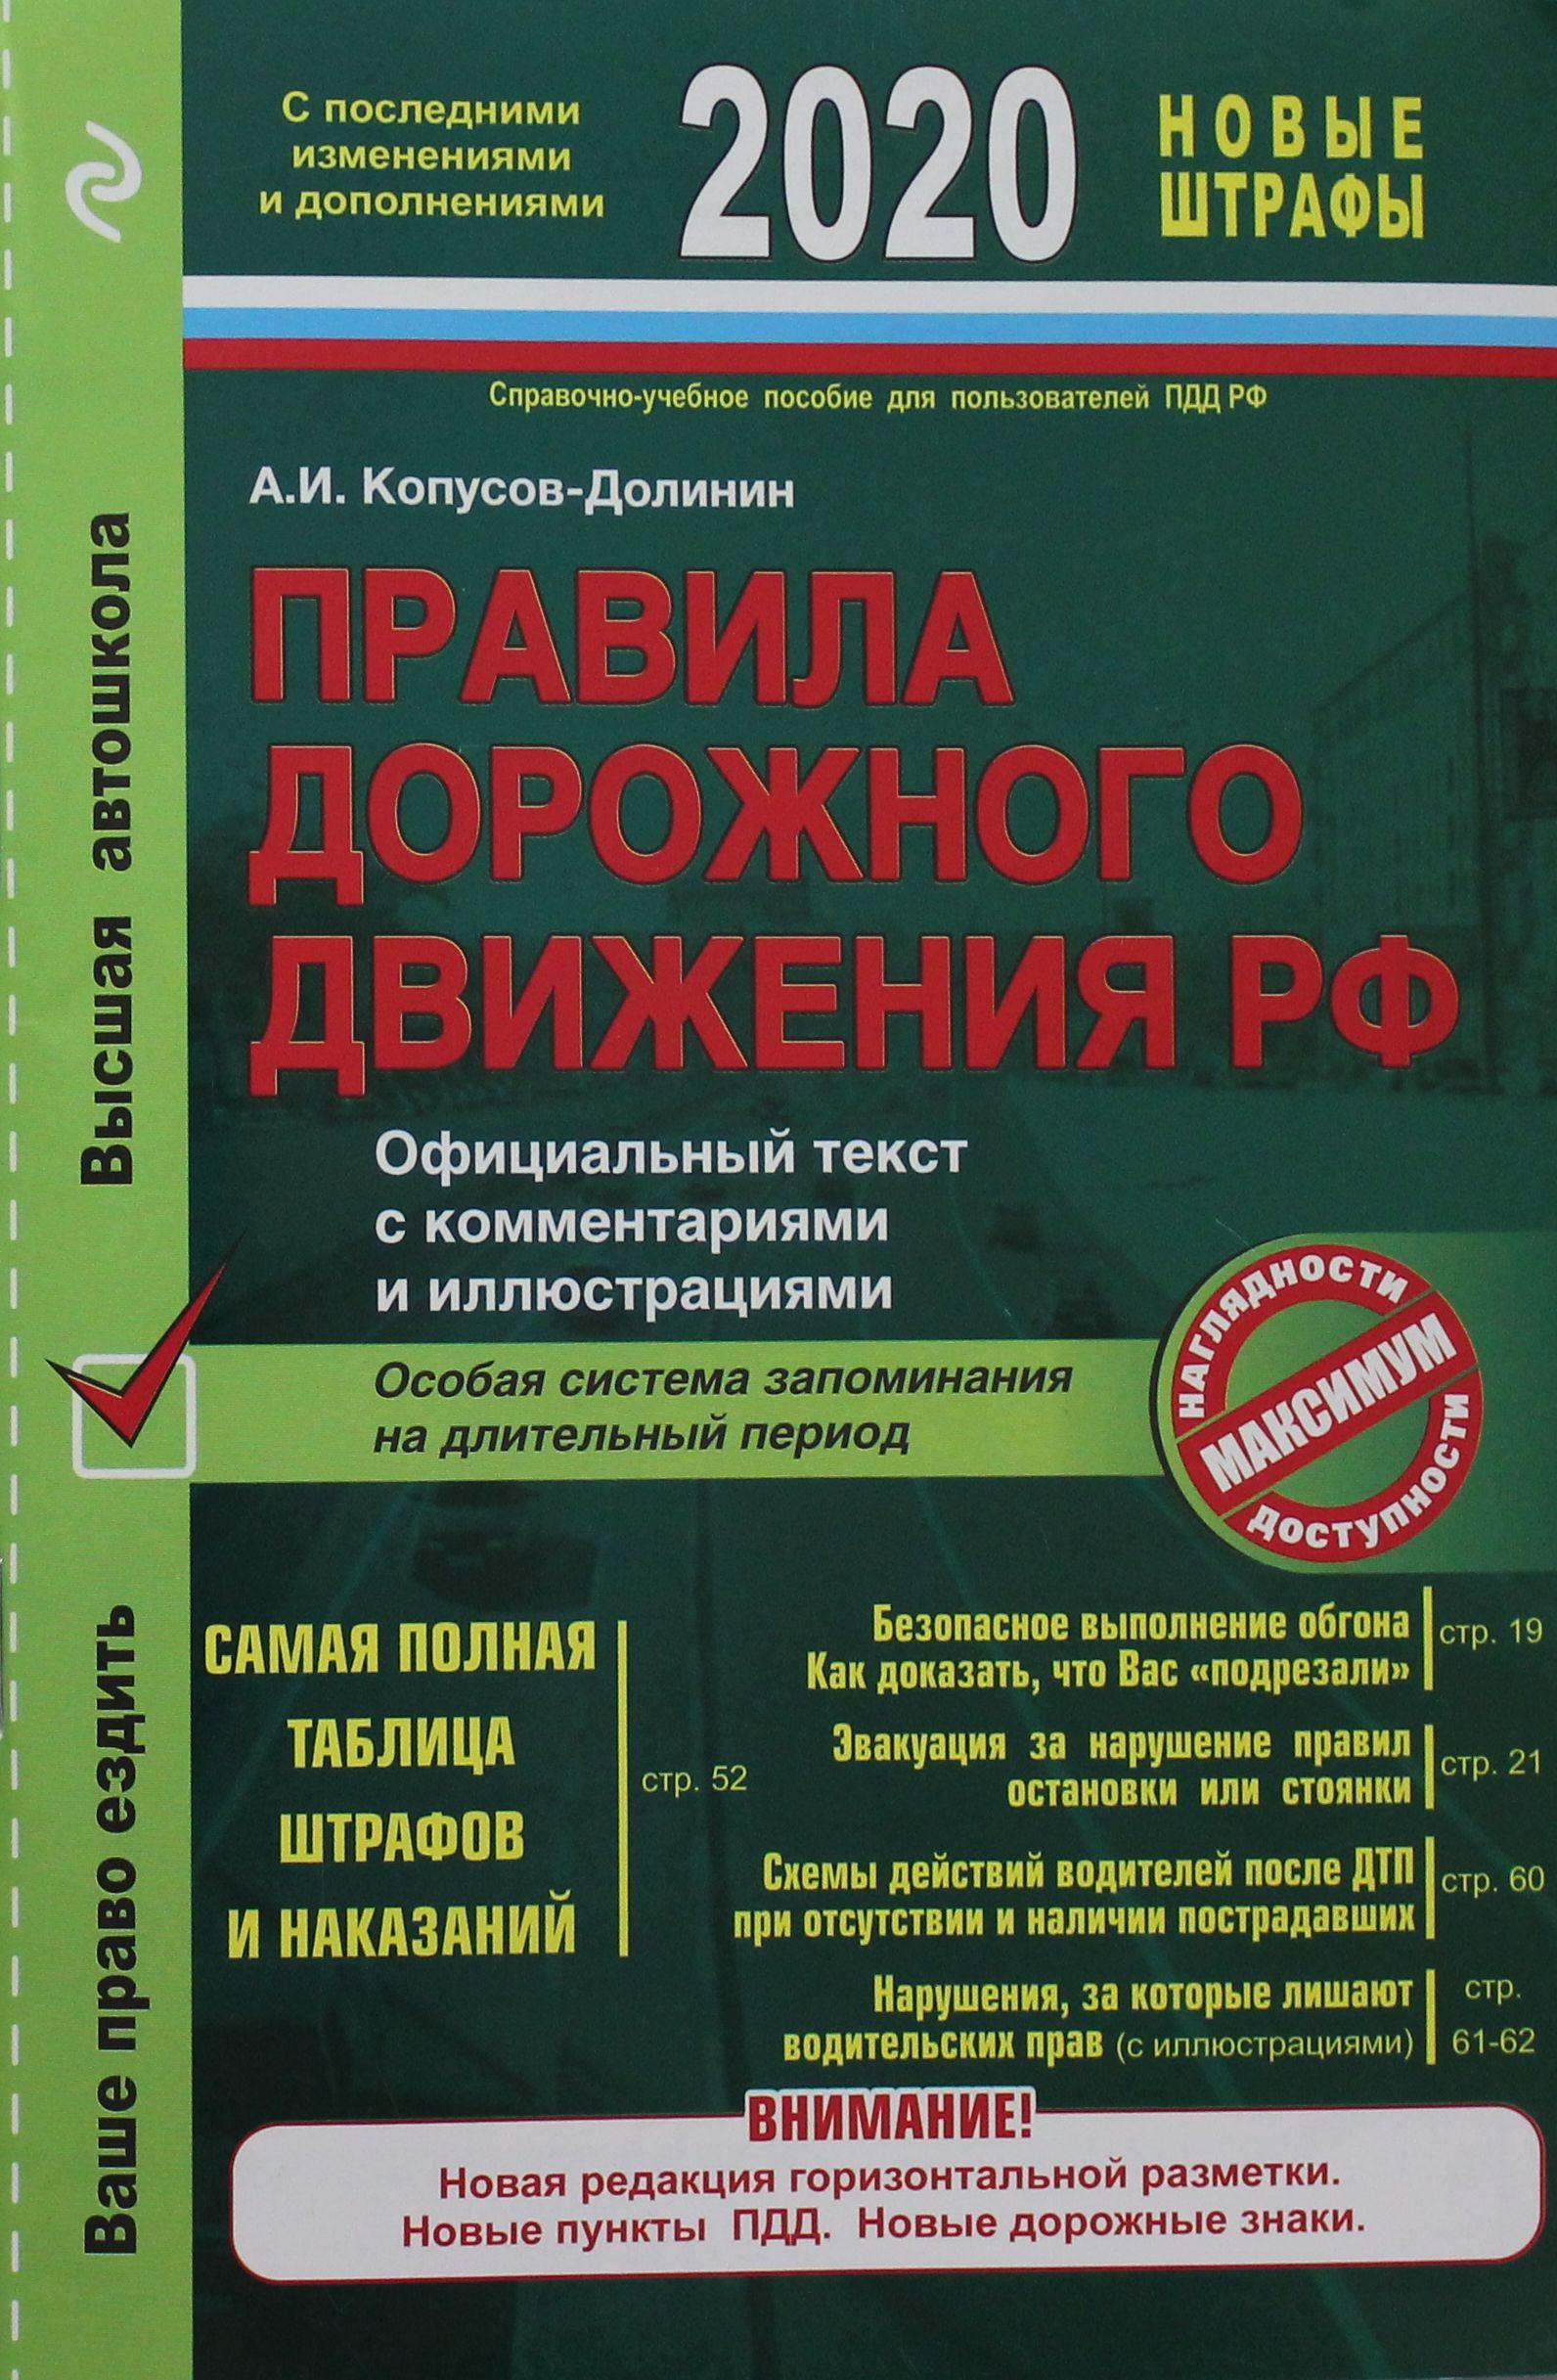 Pravila dorozhnogo dvizhenija RF s izm. i dop. 2020 god. Ofitsialnyj tekst s kommentarijami i illjustratsijami